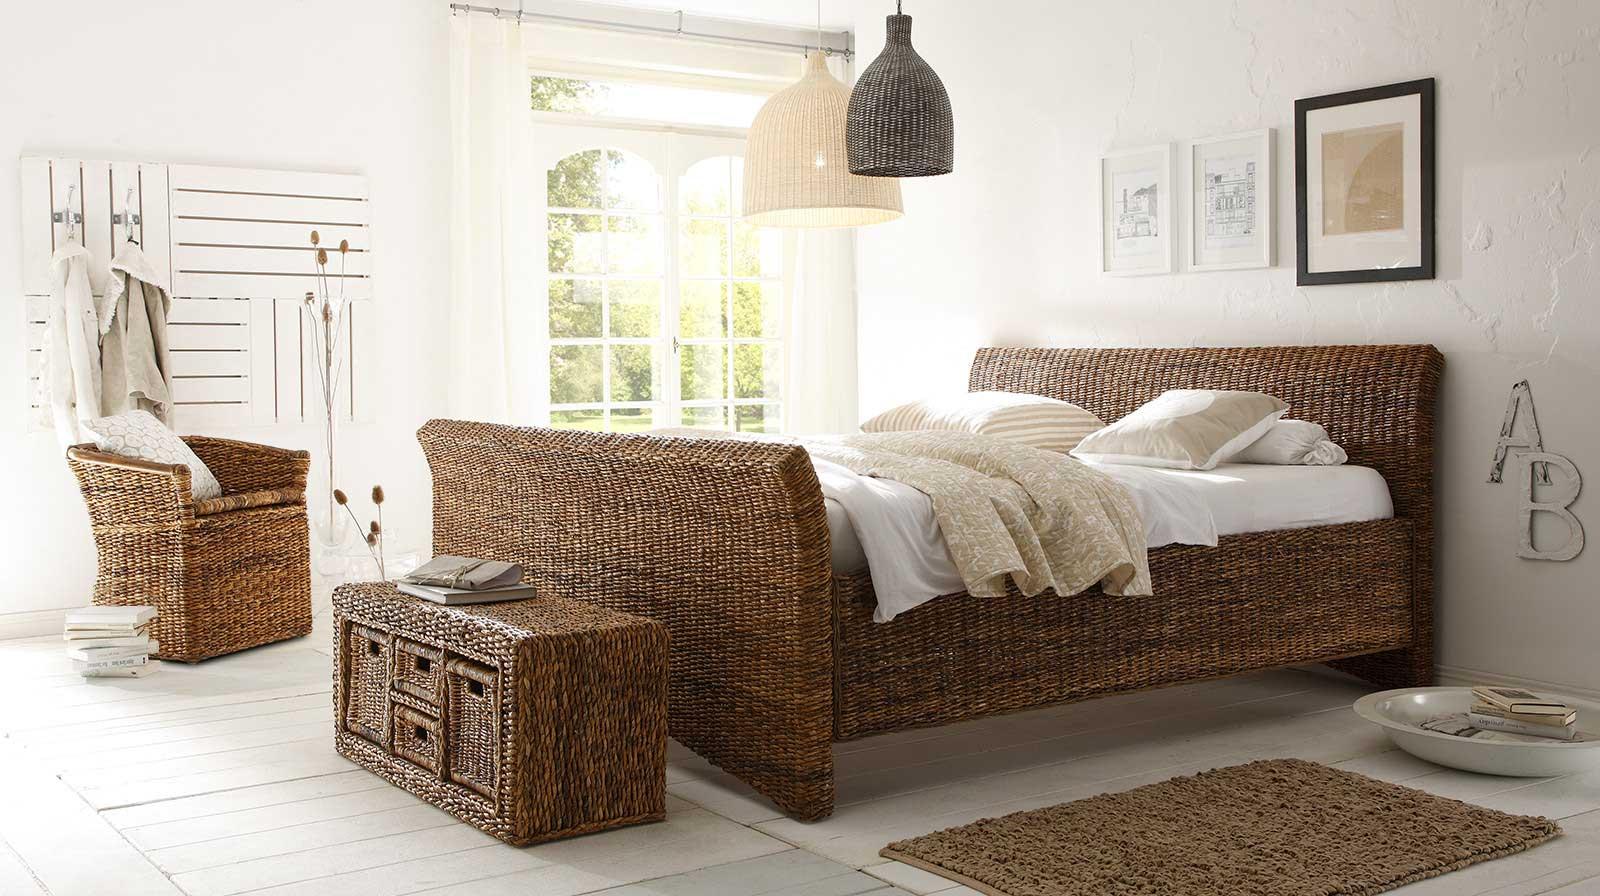 Full Size of Rattan Bett Mit Rattanmbel Einrichten Leicht Betten Für übergewichtige Stauraum Grau Paletten 140x200 Ikea 160x200 Bettkasten Bette Duschwanne Schlafzimmer Bett Rattan Bett